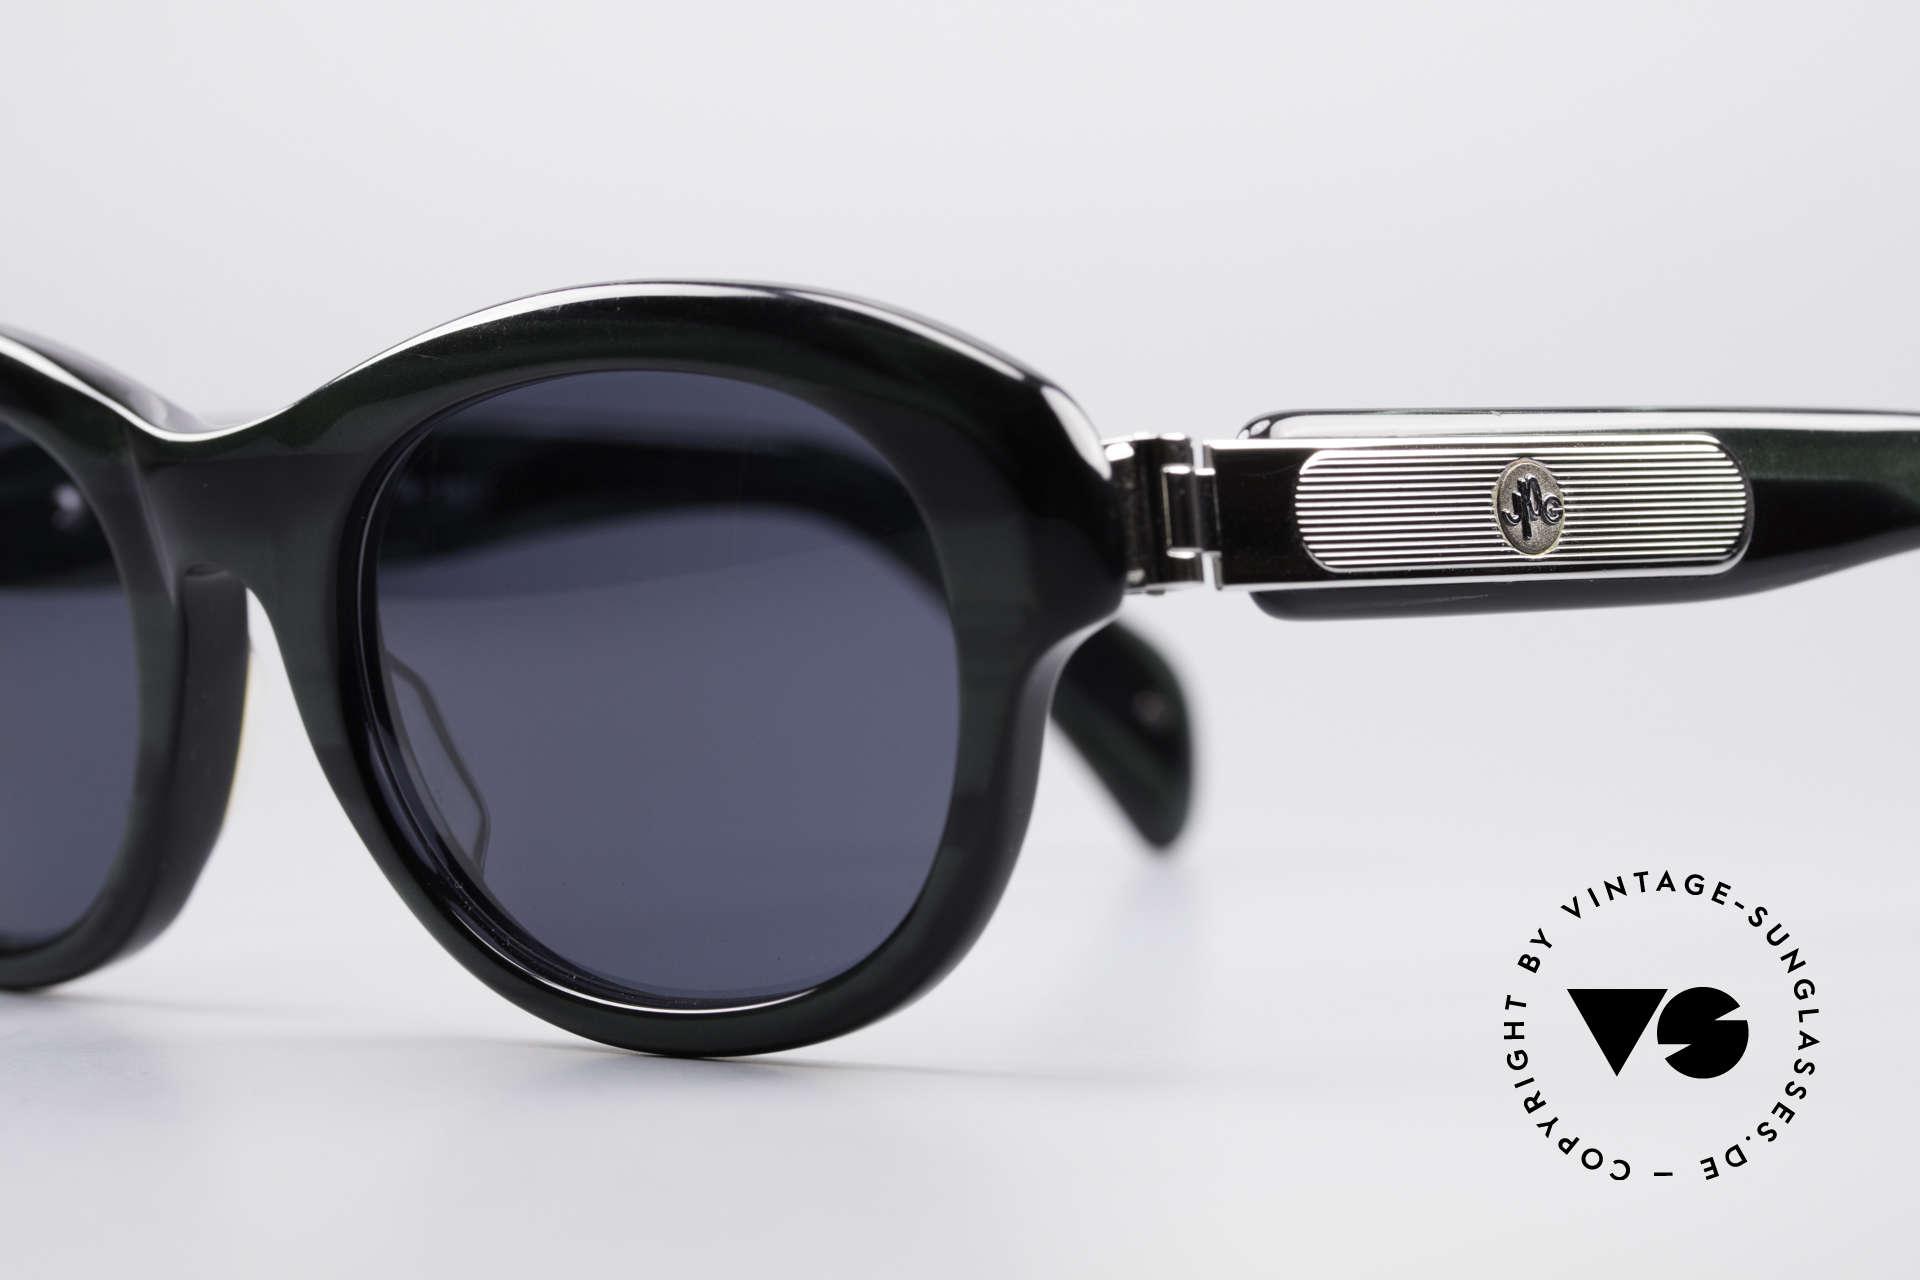 Jean Paul Gaultier 56-2071 True Vintage No Retro Brille, monumental - (scheinbar für die Ewigkeit gemacht), Passend für Damen